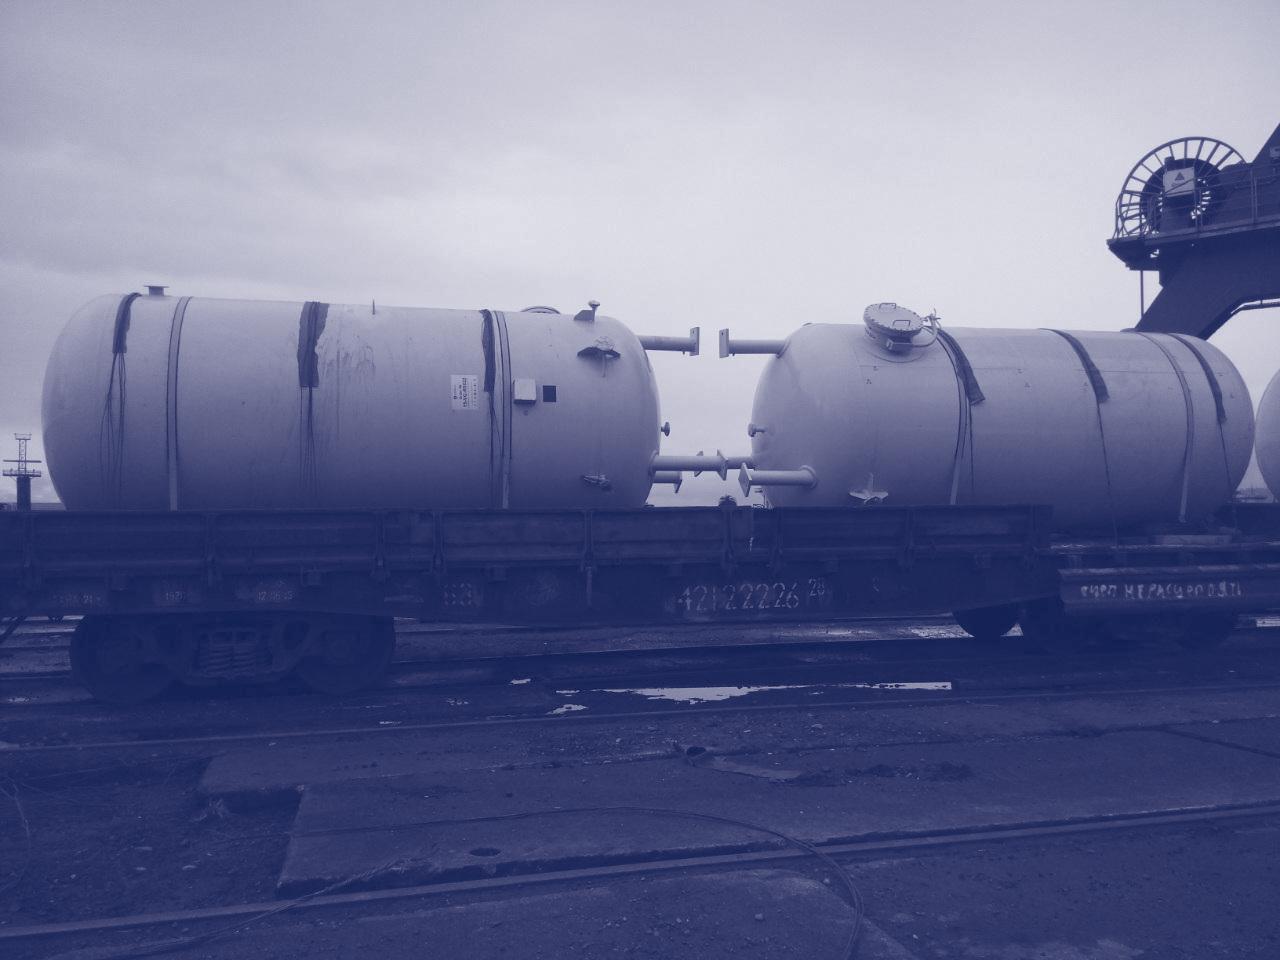 Petrol ve doğalgaz çıkarım donatımı, doğalgaz kompresörleri, sıvılaştırılmış gaz depolama tankları taşımacılığı